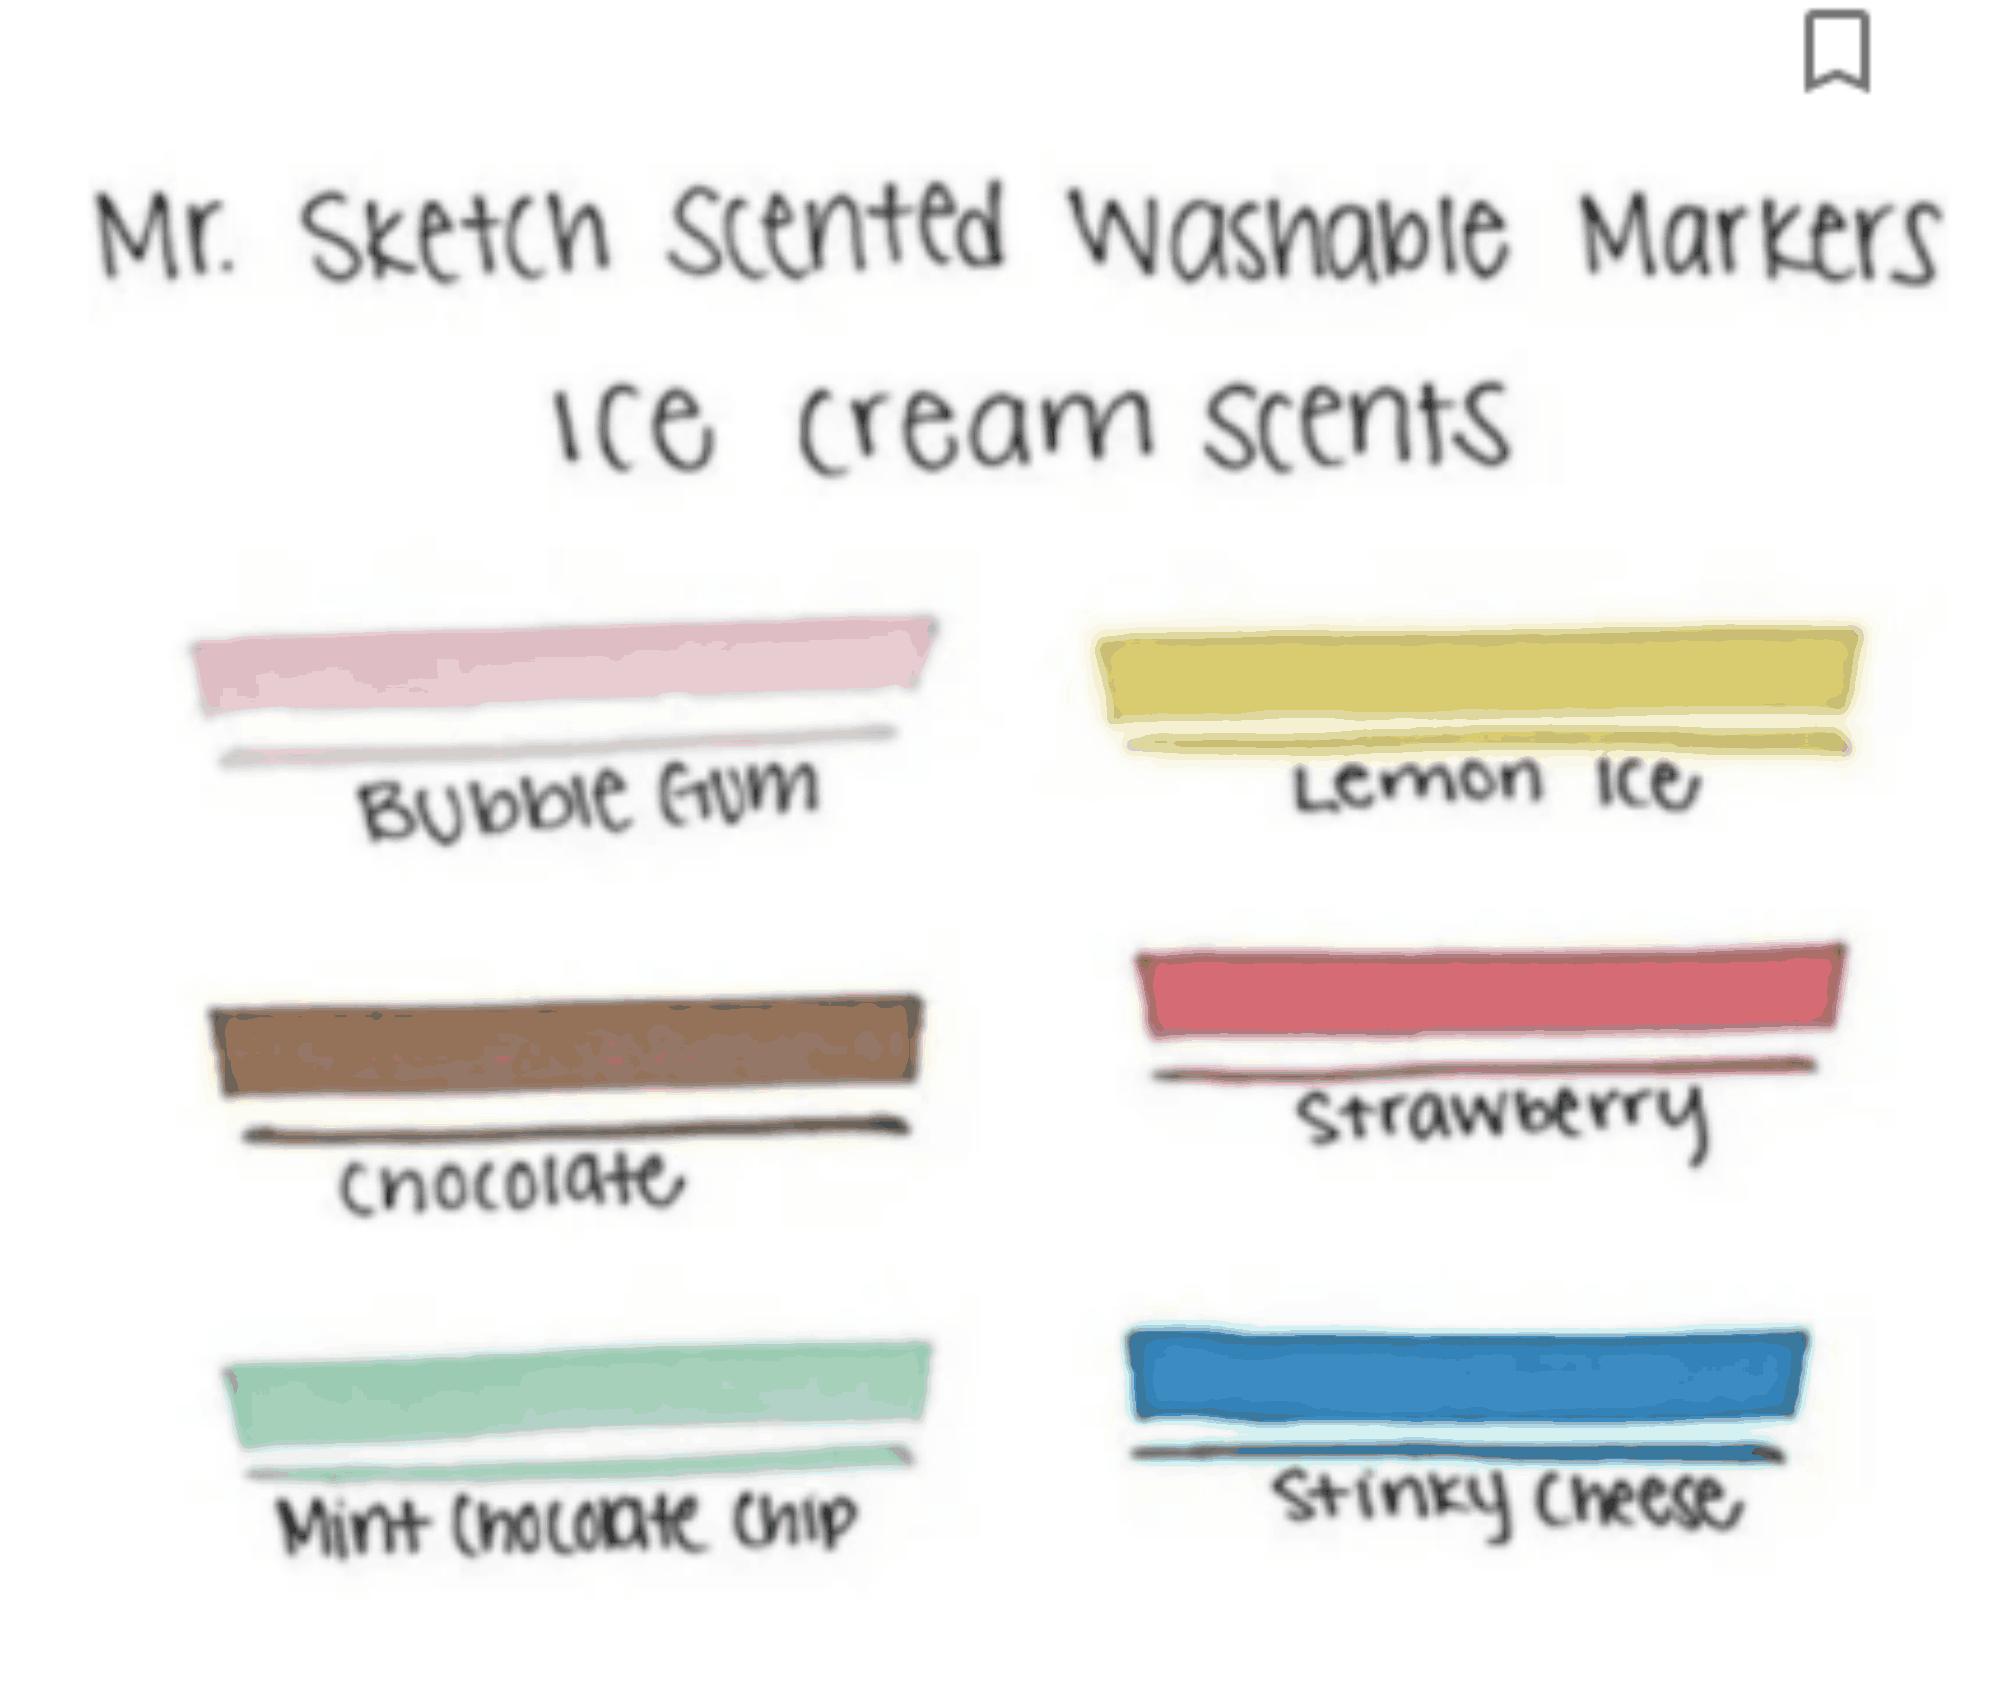 Kit Caneta Marca Texto Pastel 6 Cores Com Cheirinho Cores Mr Sketch Scented | Mr Sketch